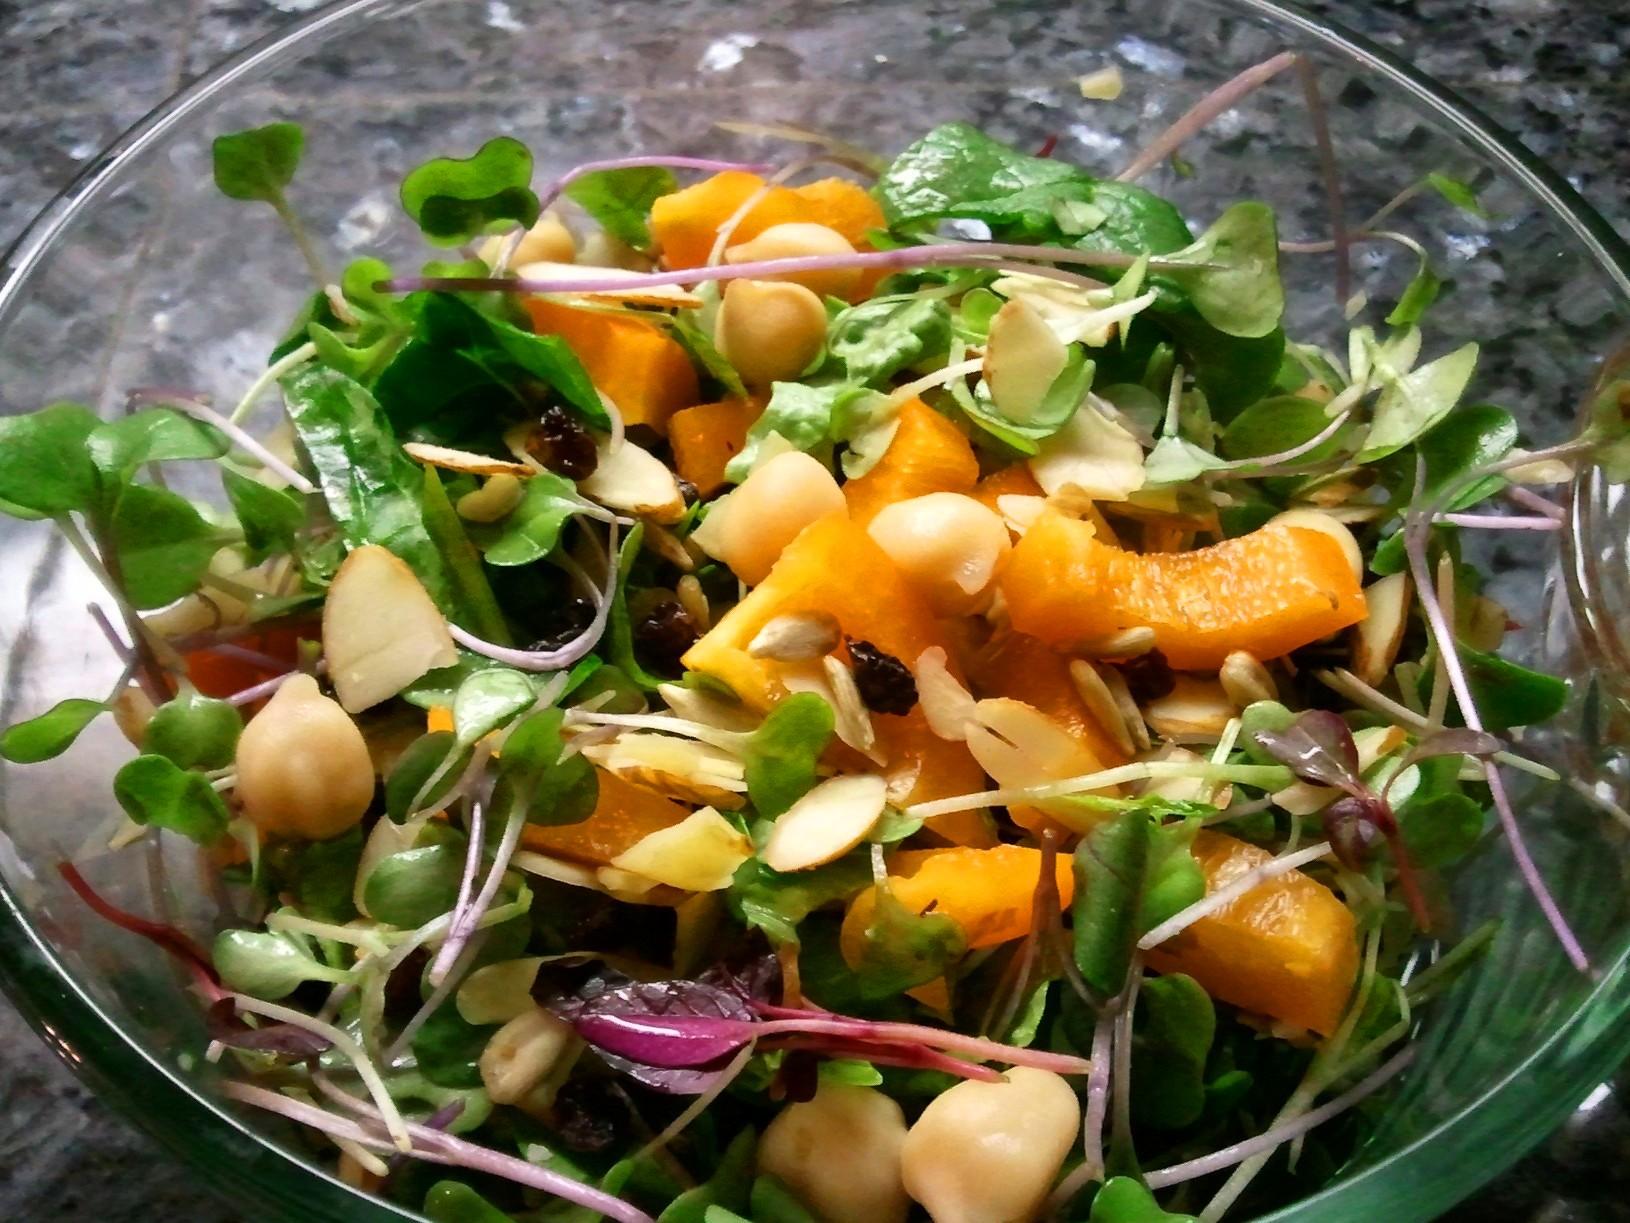 healthy-salad-organic